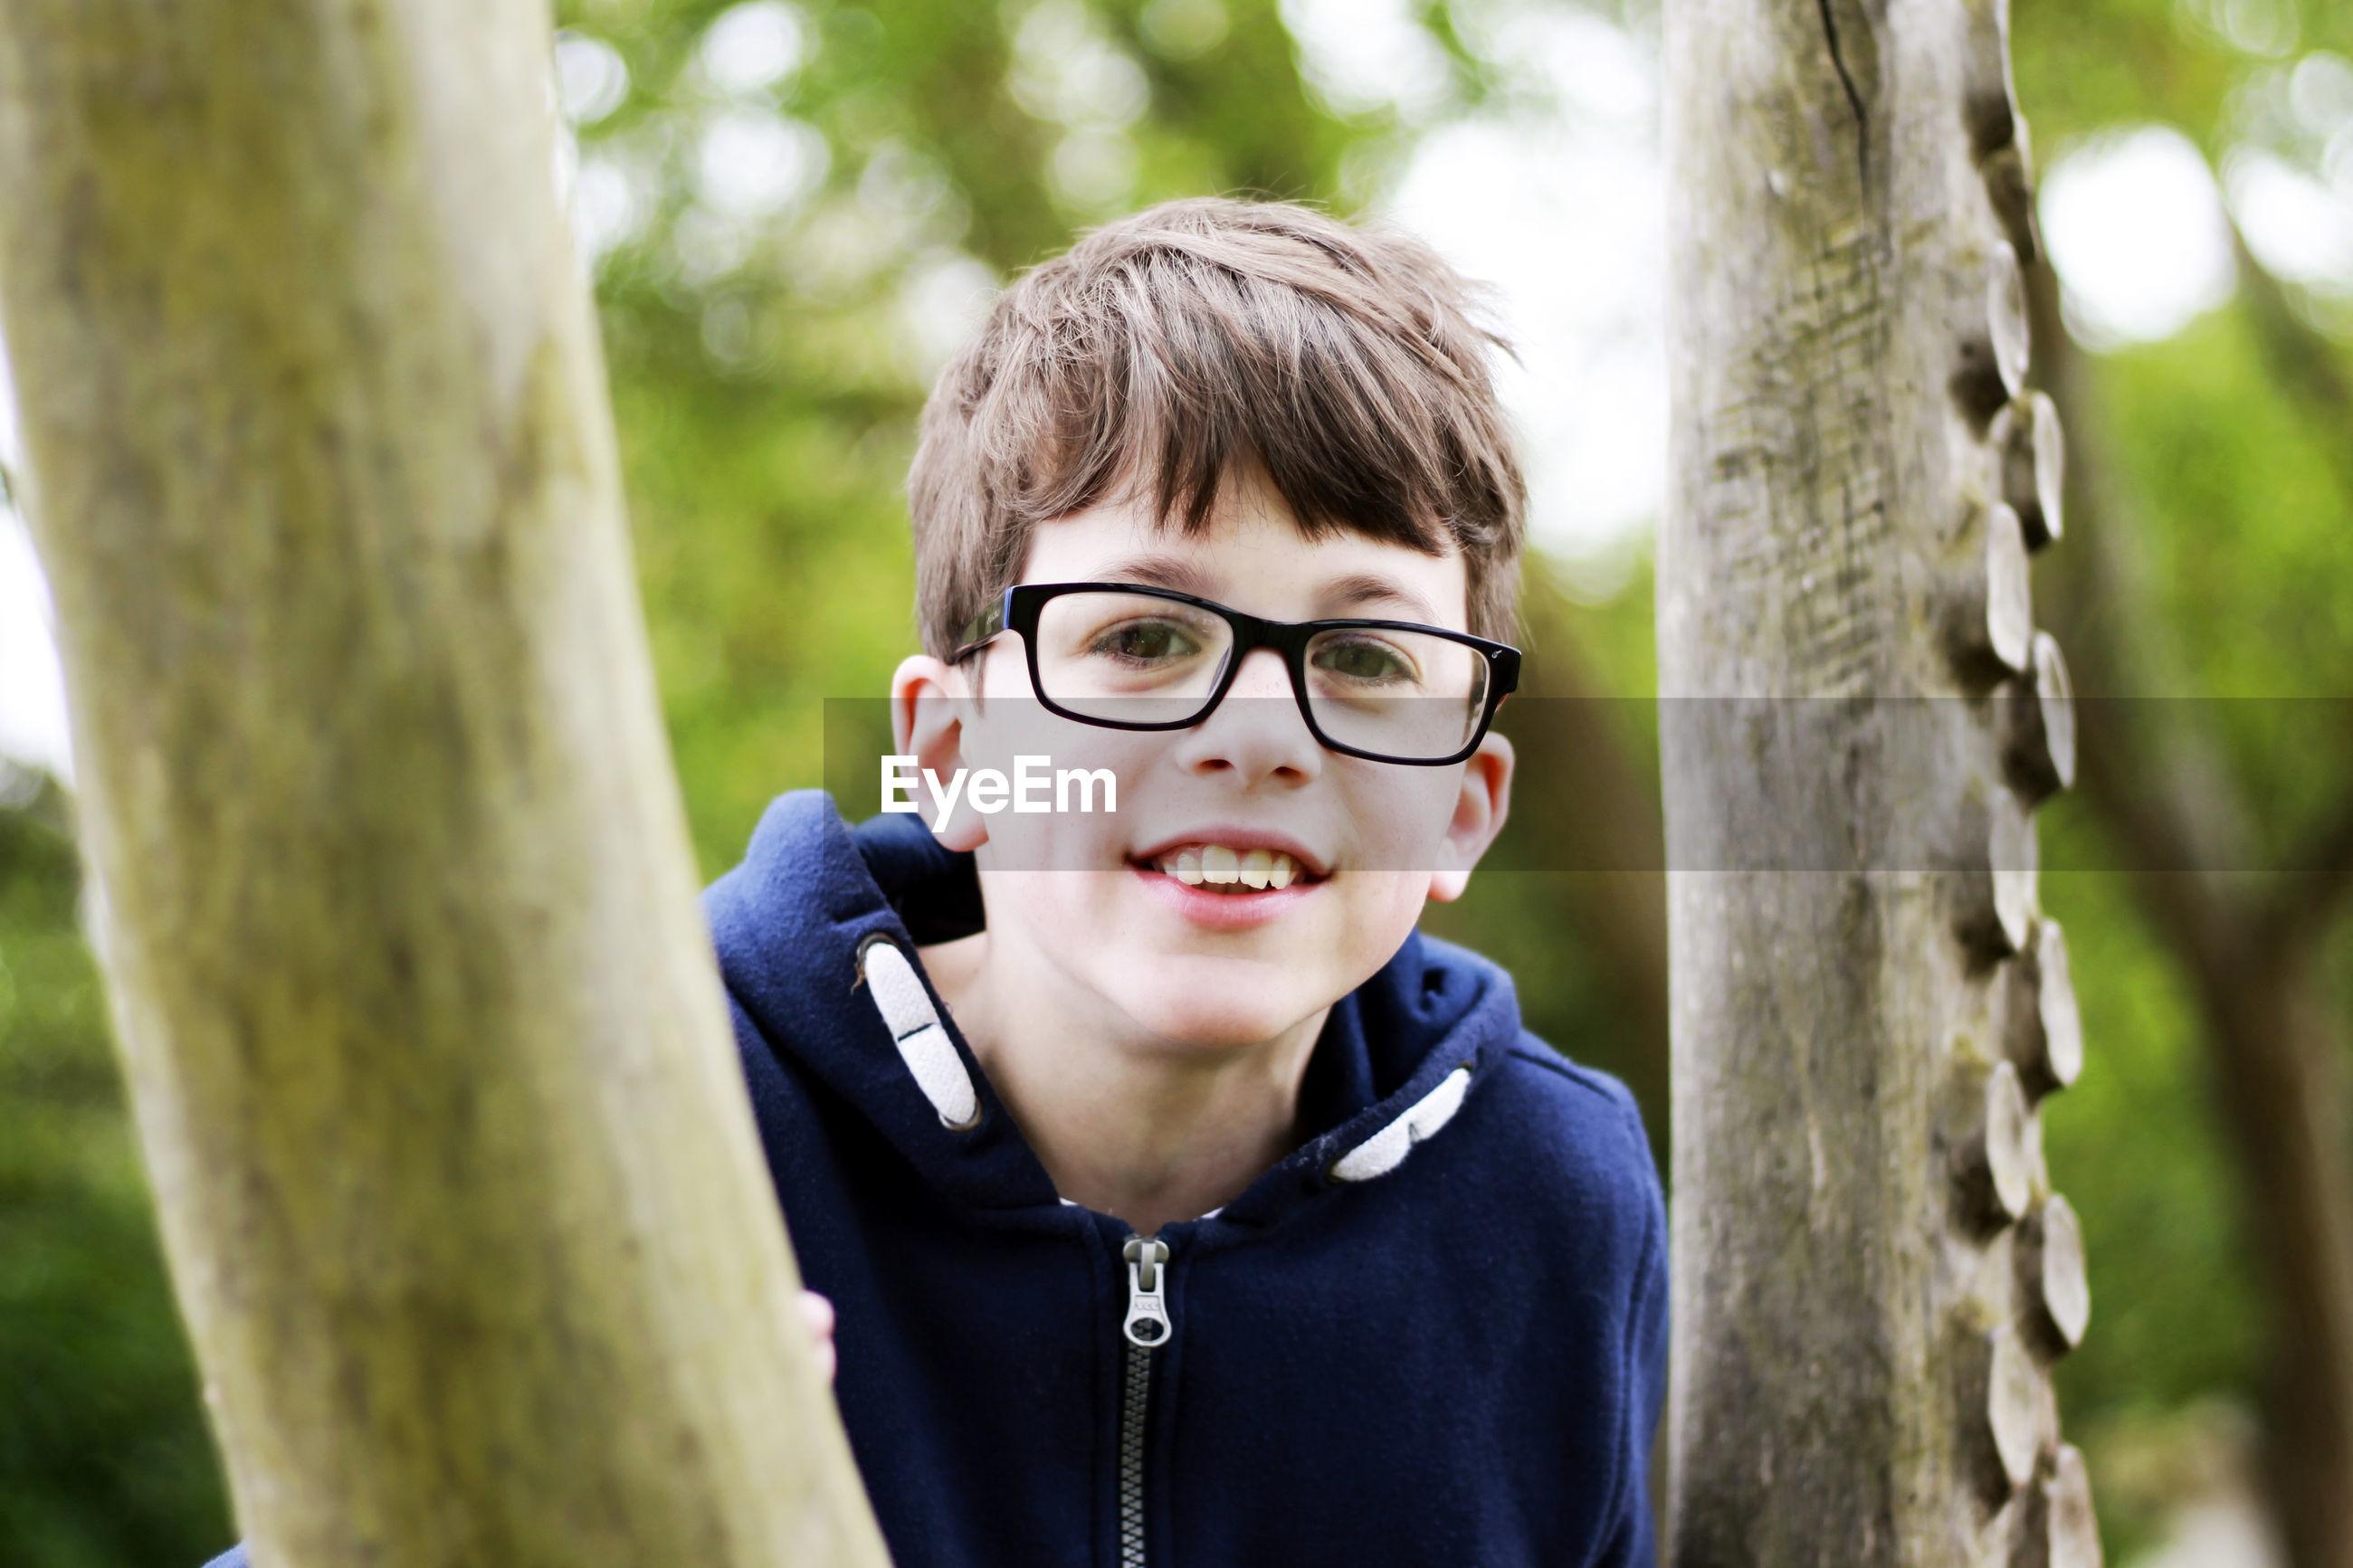 Portrait of boy wearing eyeglasses by tree trunk